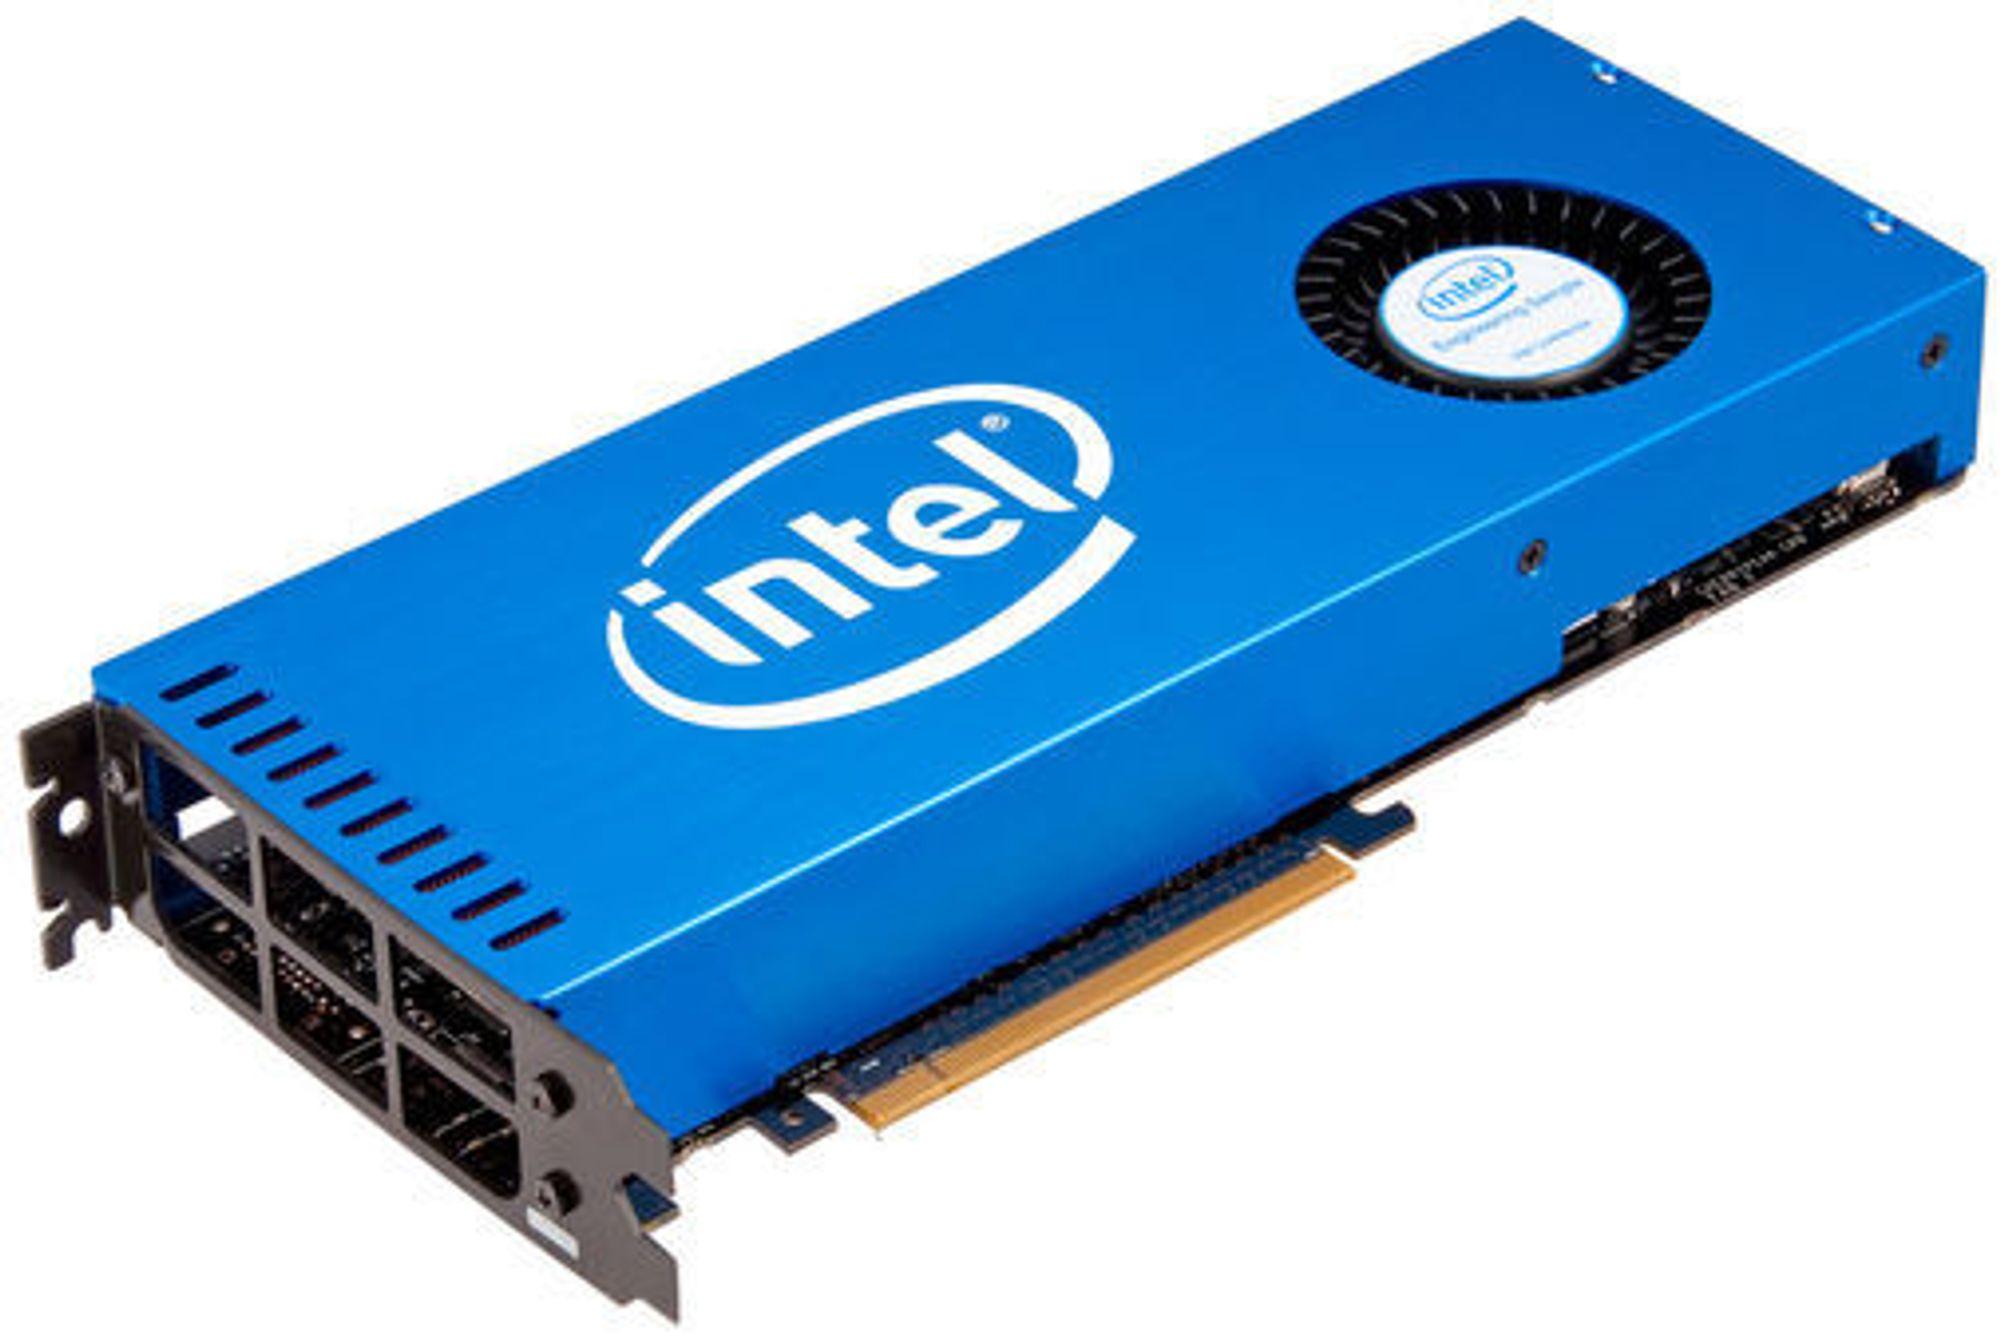 Knights Ferry, testplattformen som Intel har levert til en del utvalgte partnere.